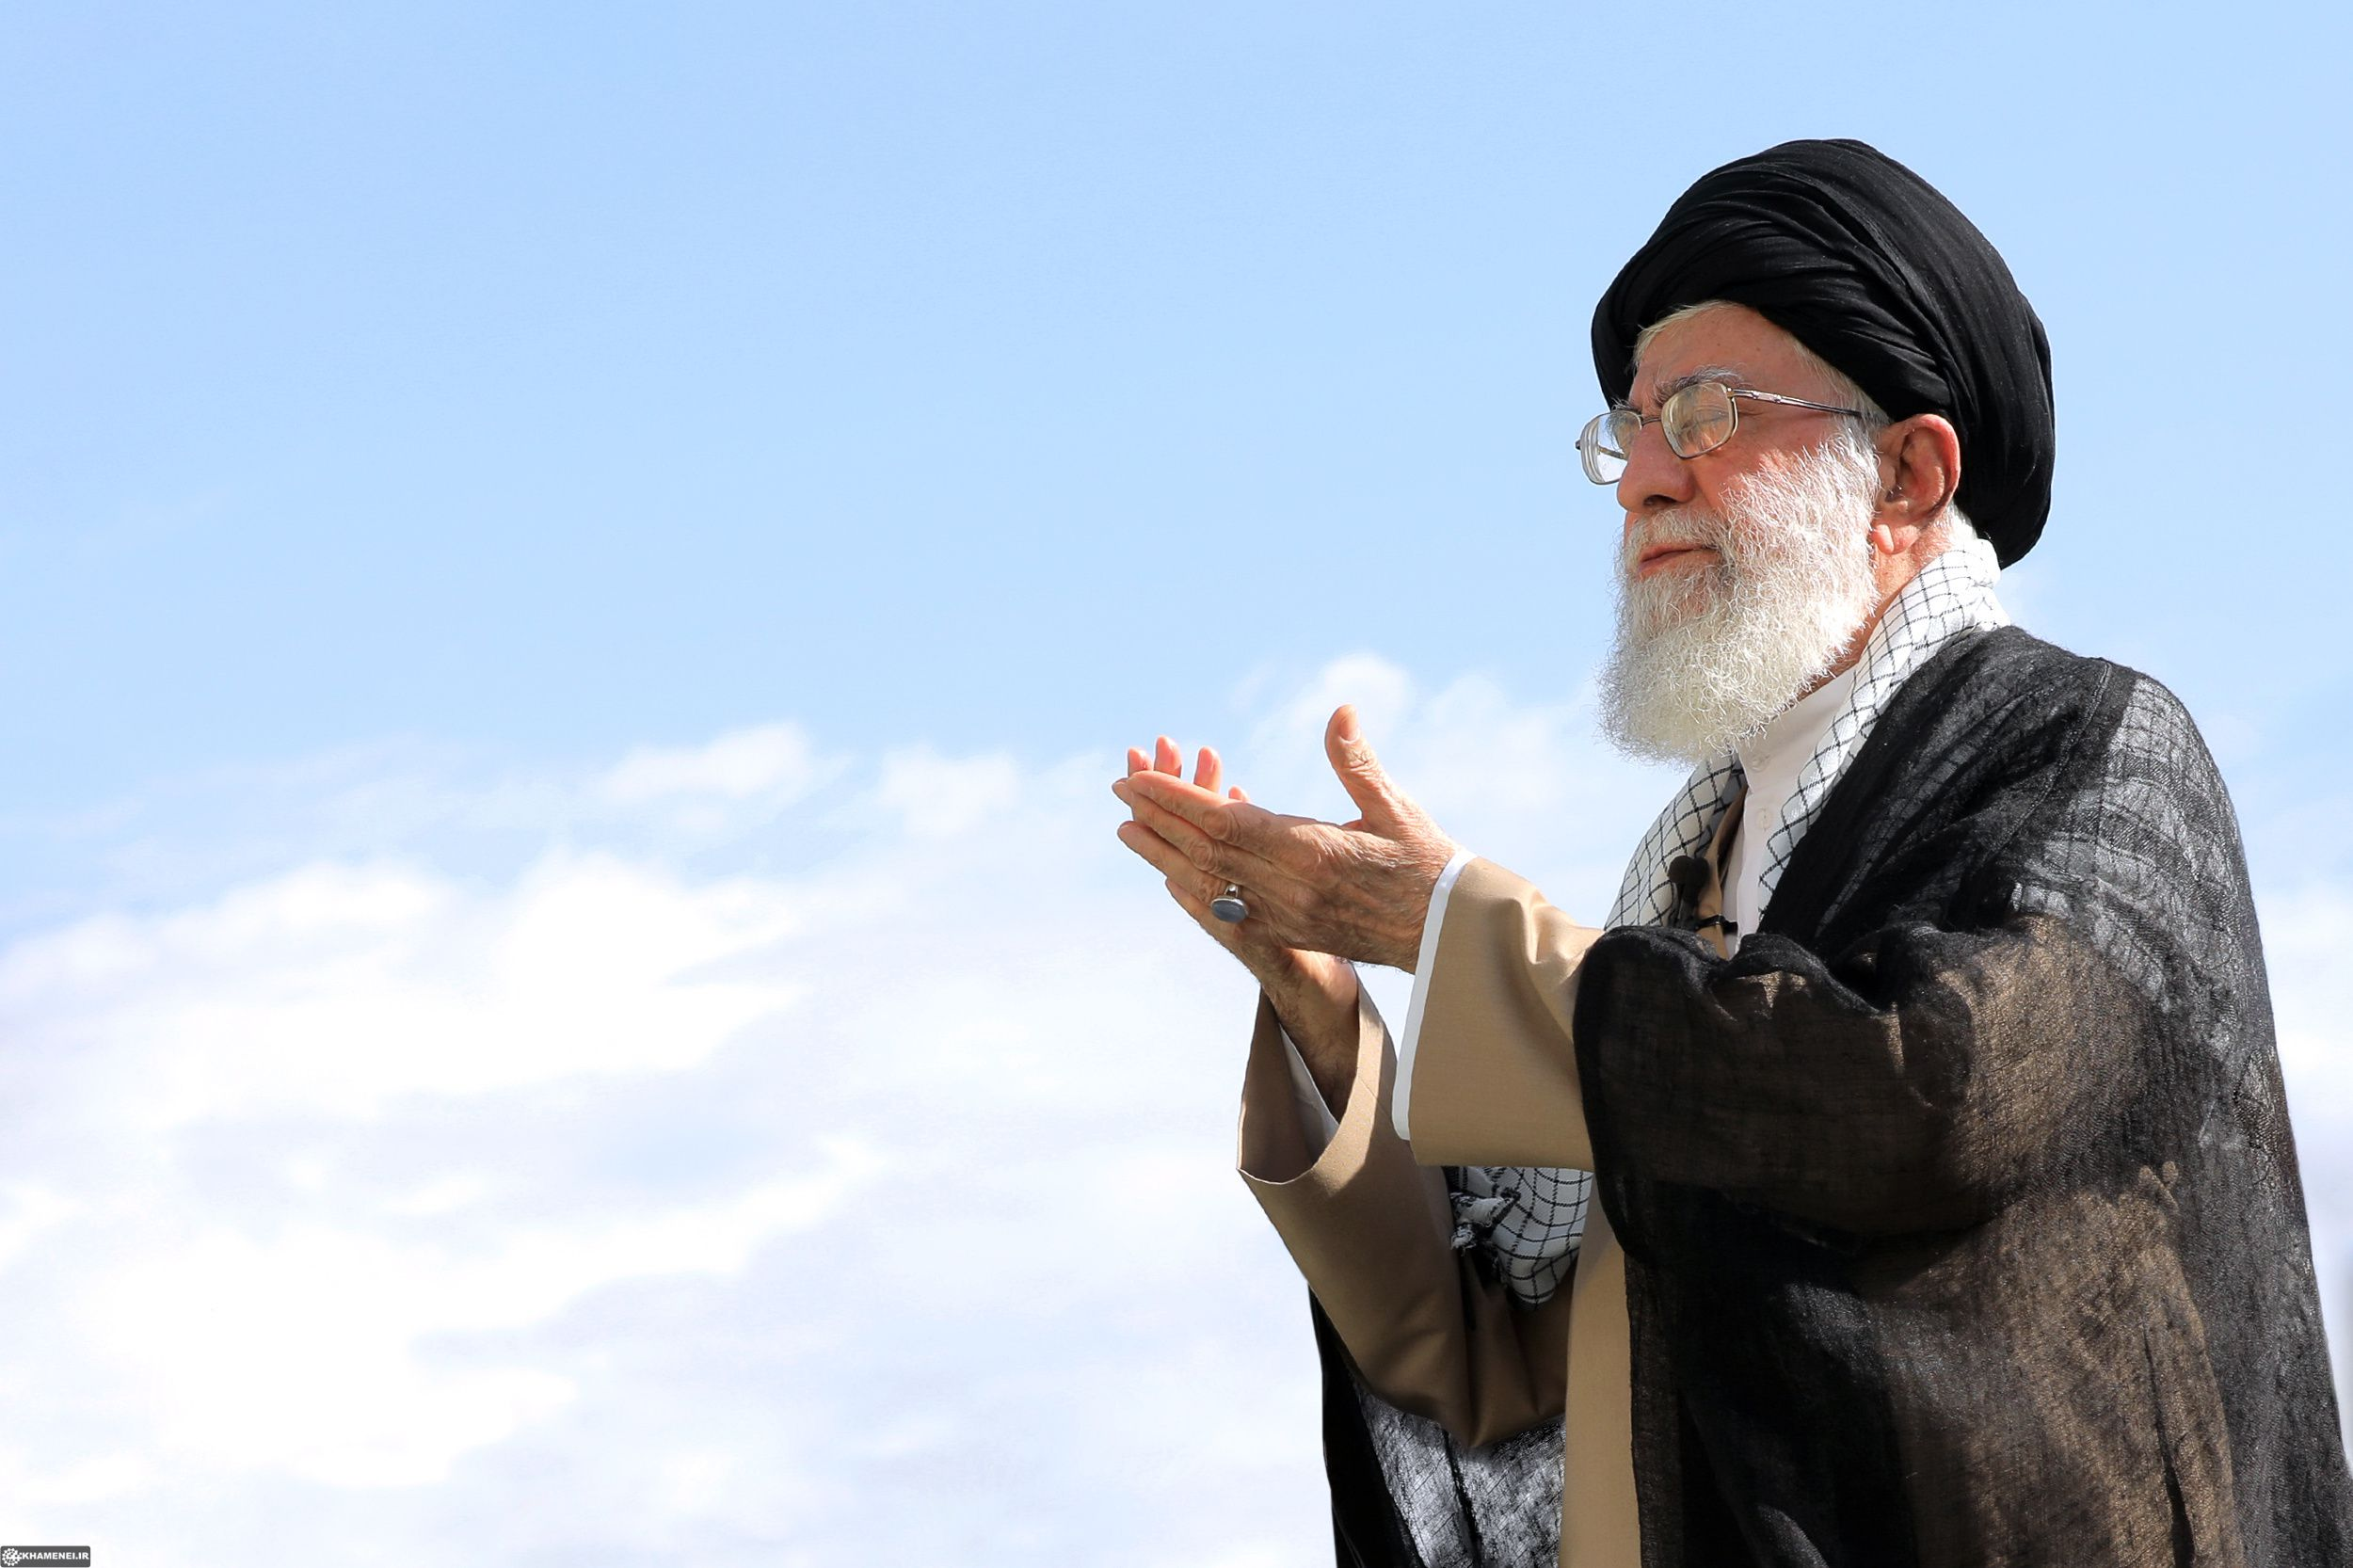 رهبر انقلاب بر پیکر آیتالله هاشمی شاهرودی نماز اقامه میکنند